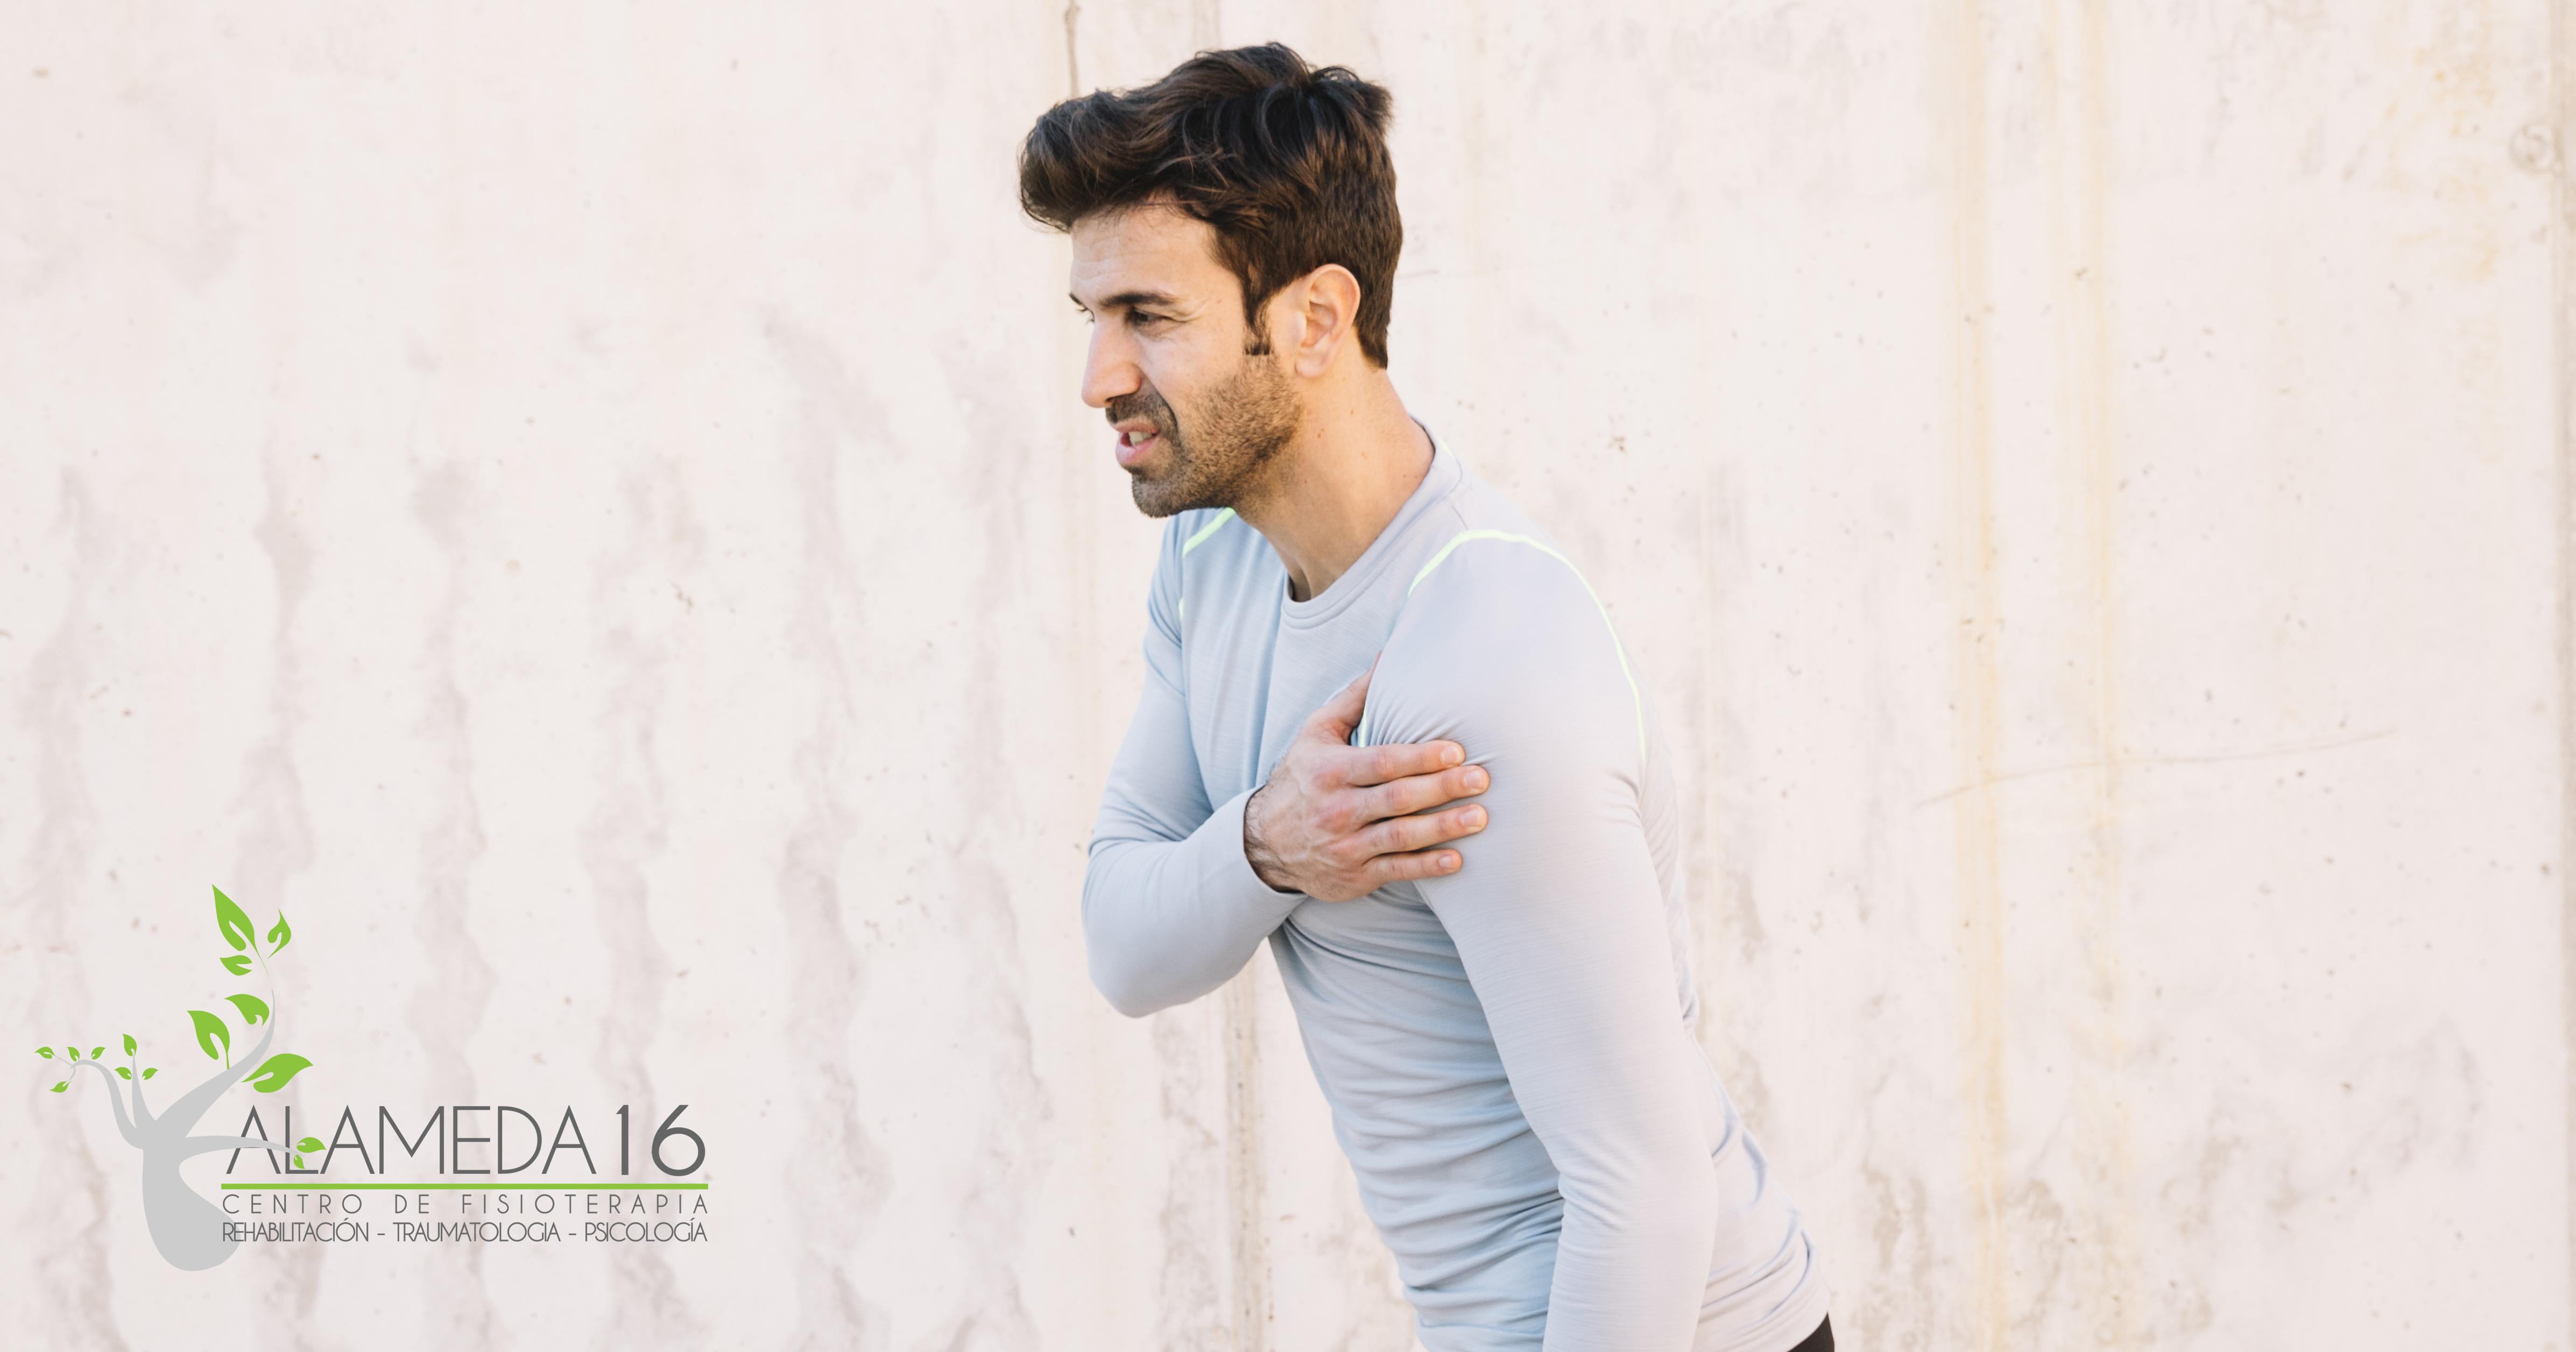 La hipertonía muscular: mejora tu calidad de vida con un tratamiento de fisioterapia adaptado.